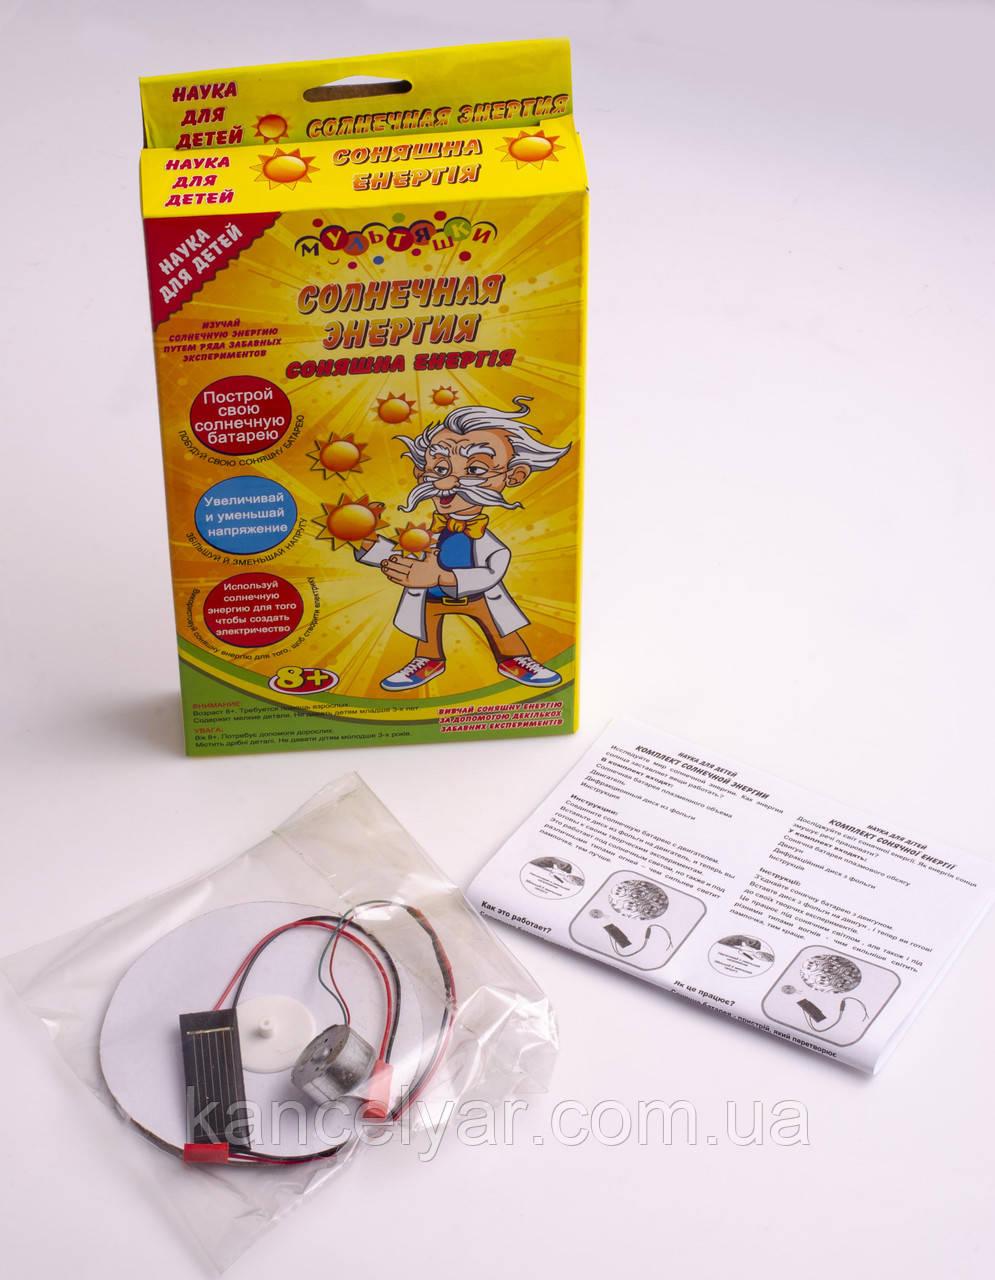 Наука для детей (солнечная энергия)